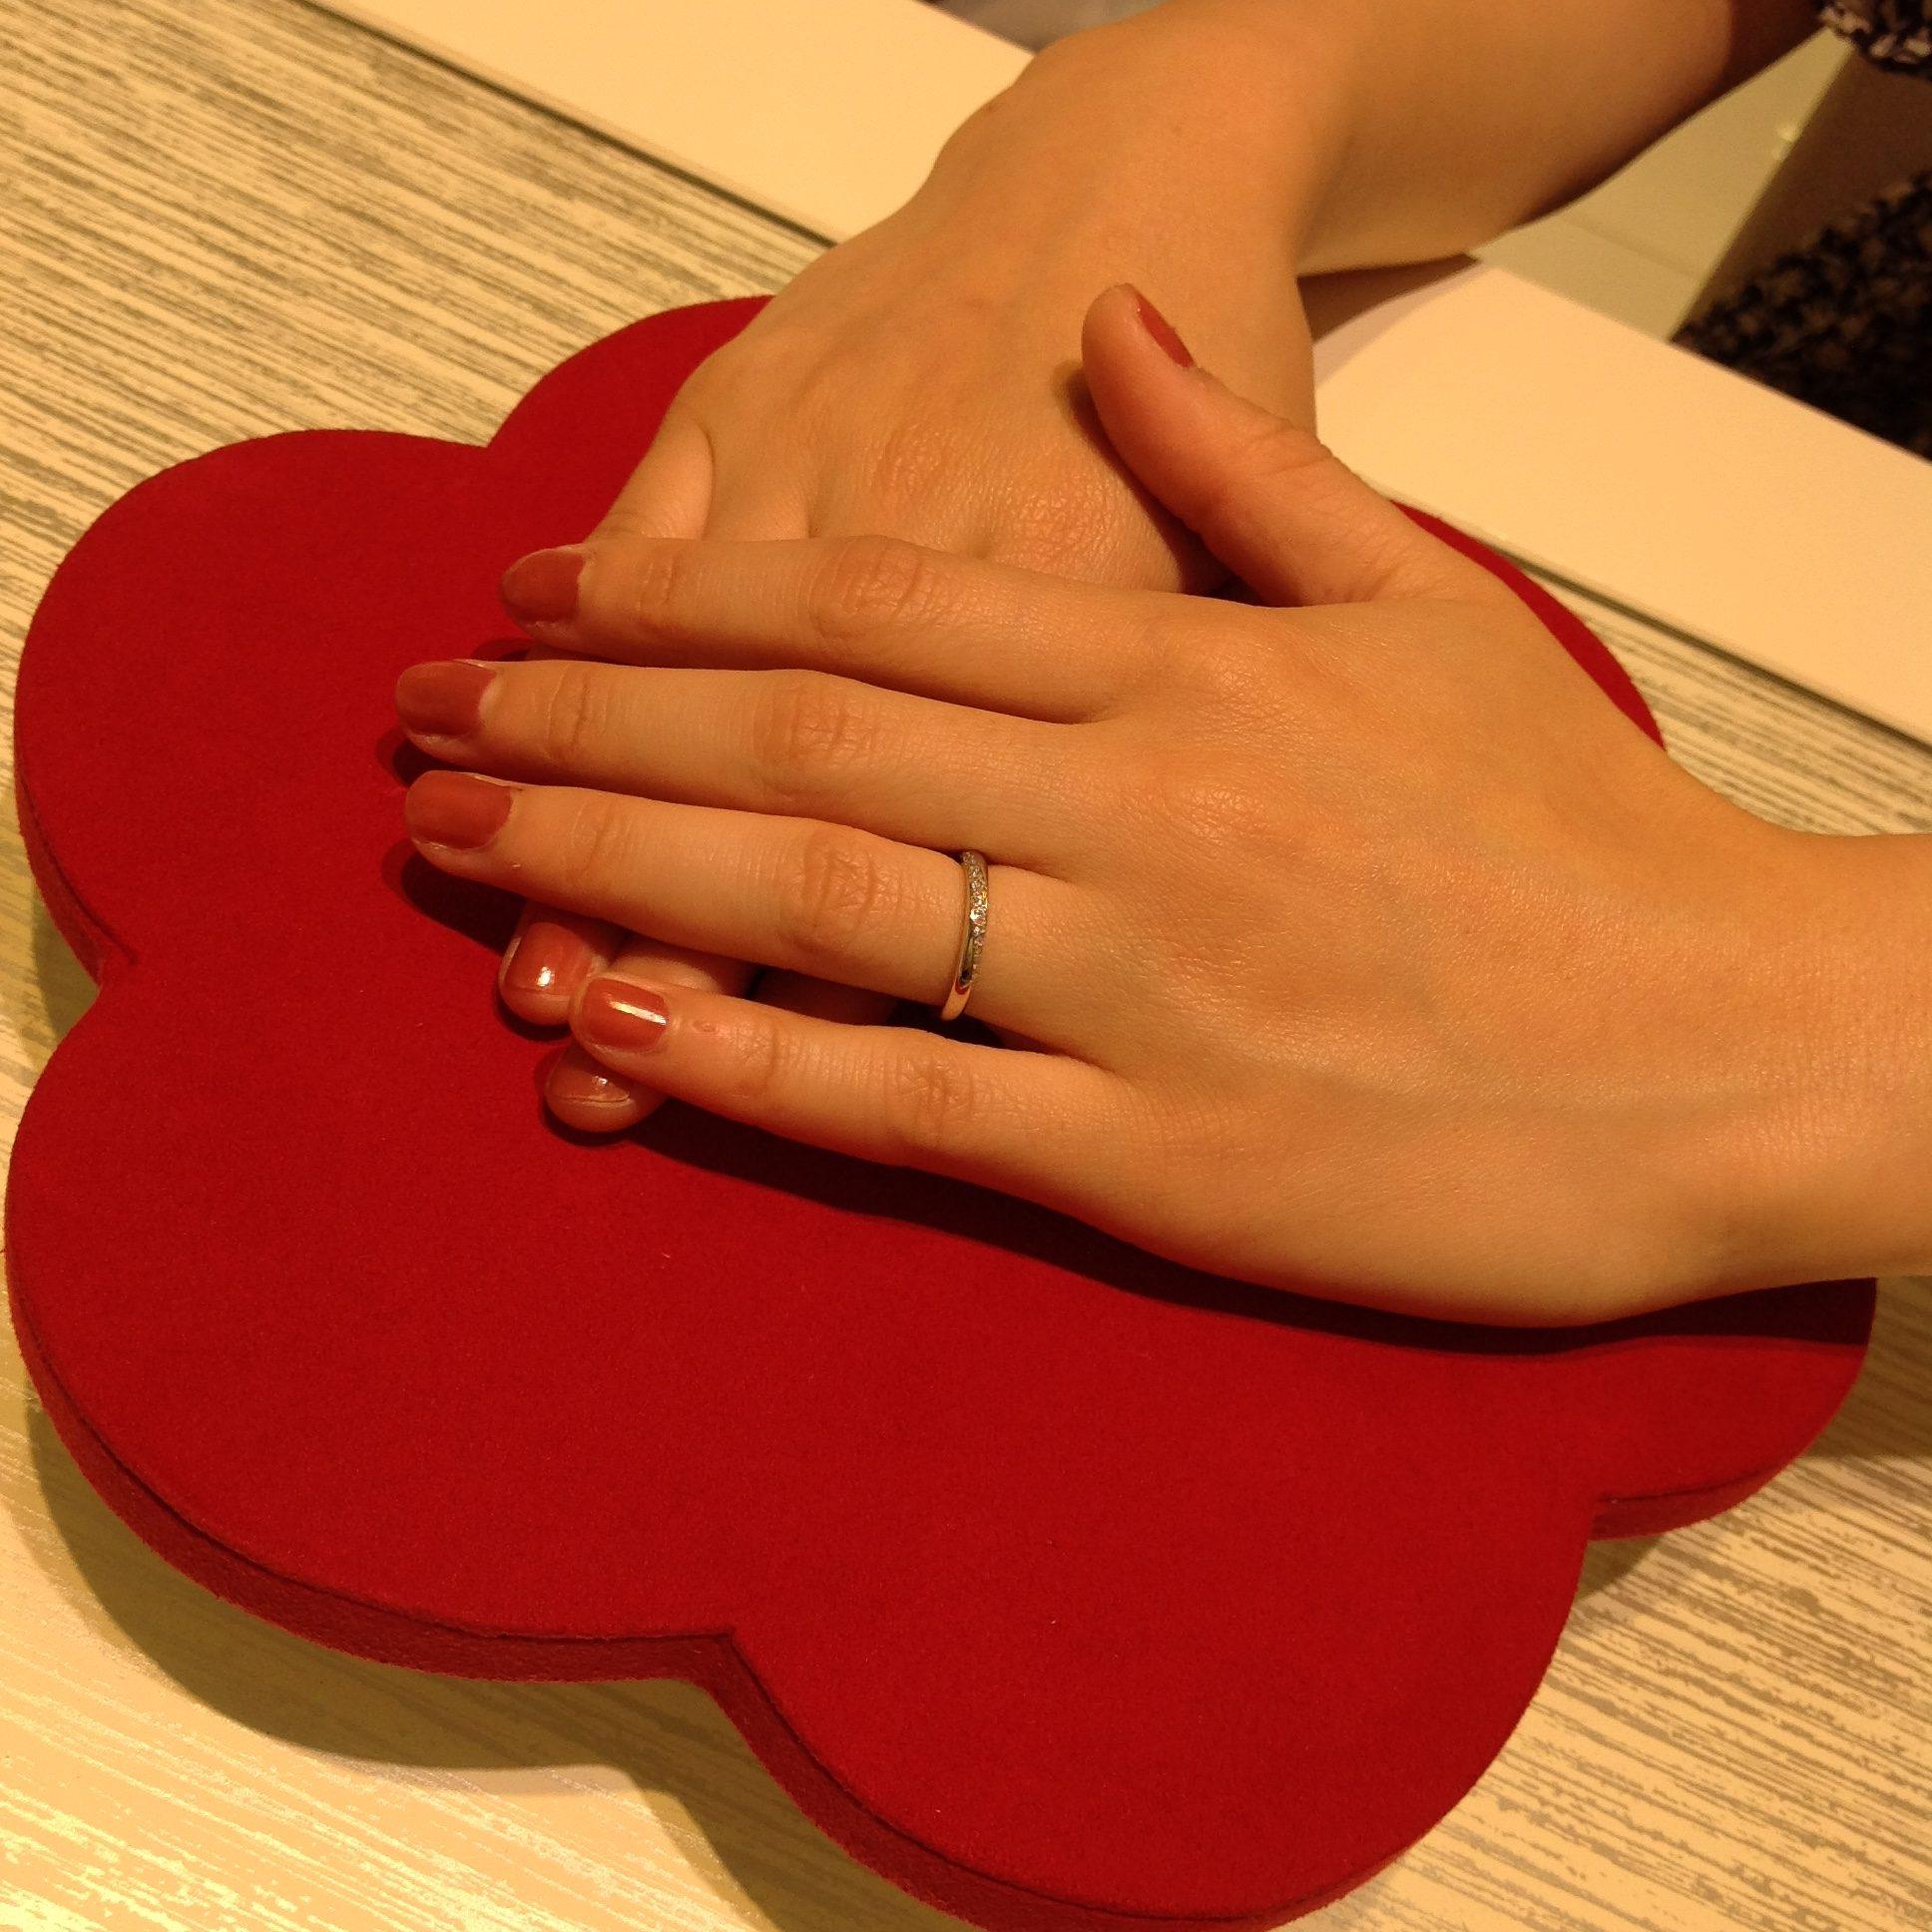 指輪のつけやすさがとても良かったです!のイメージ